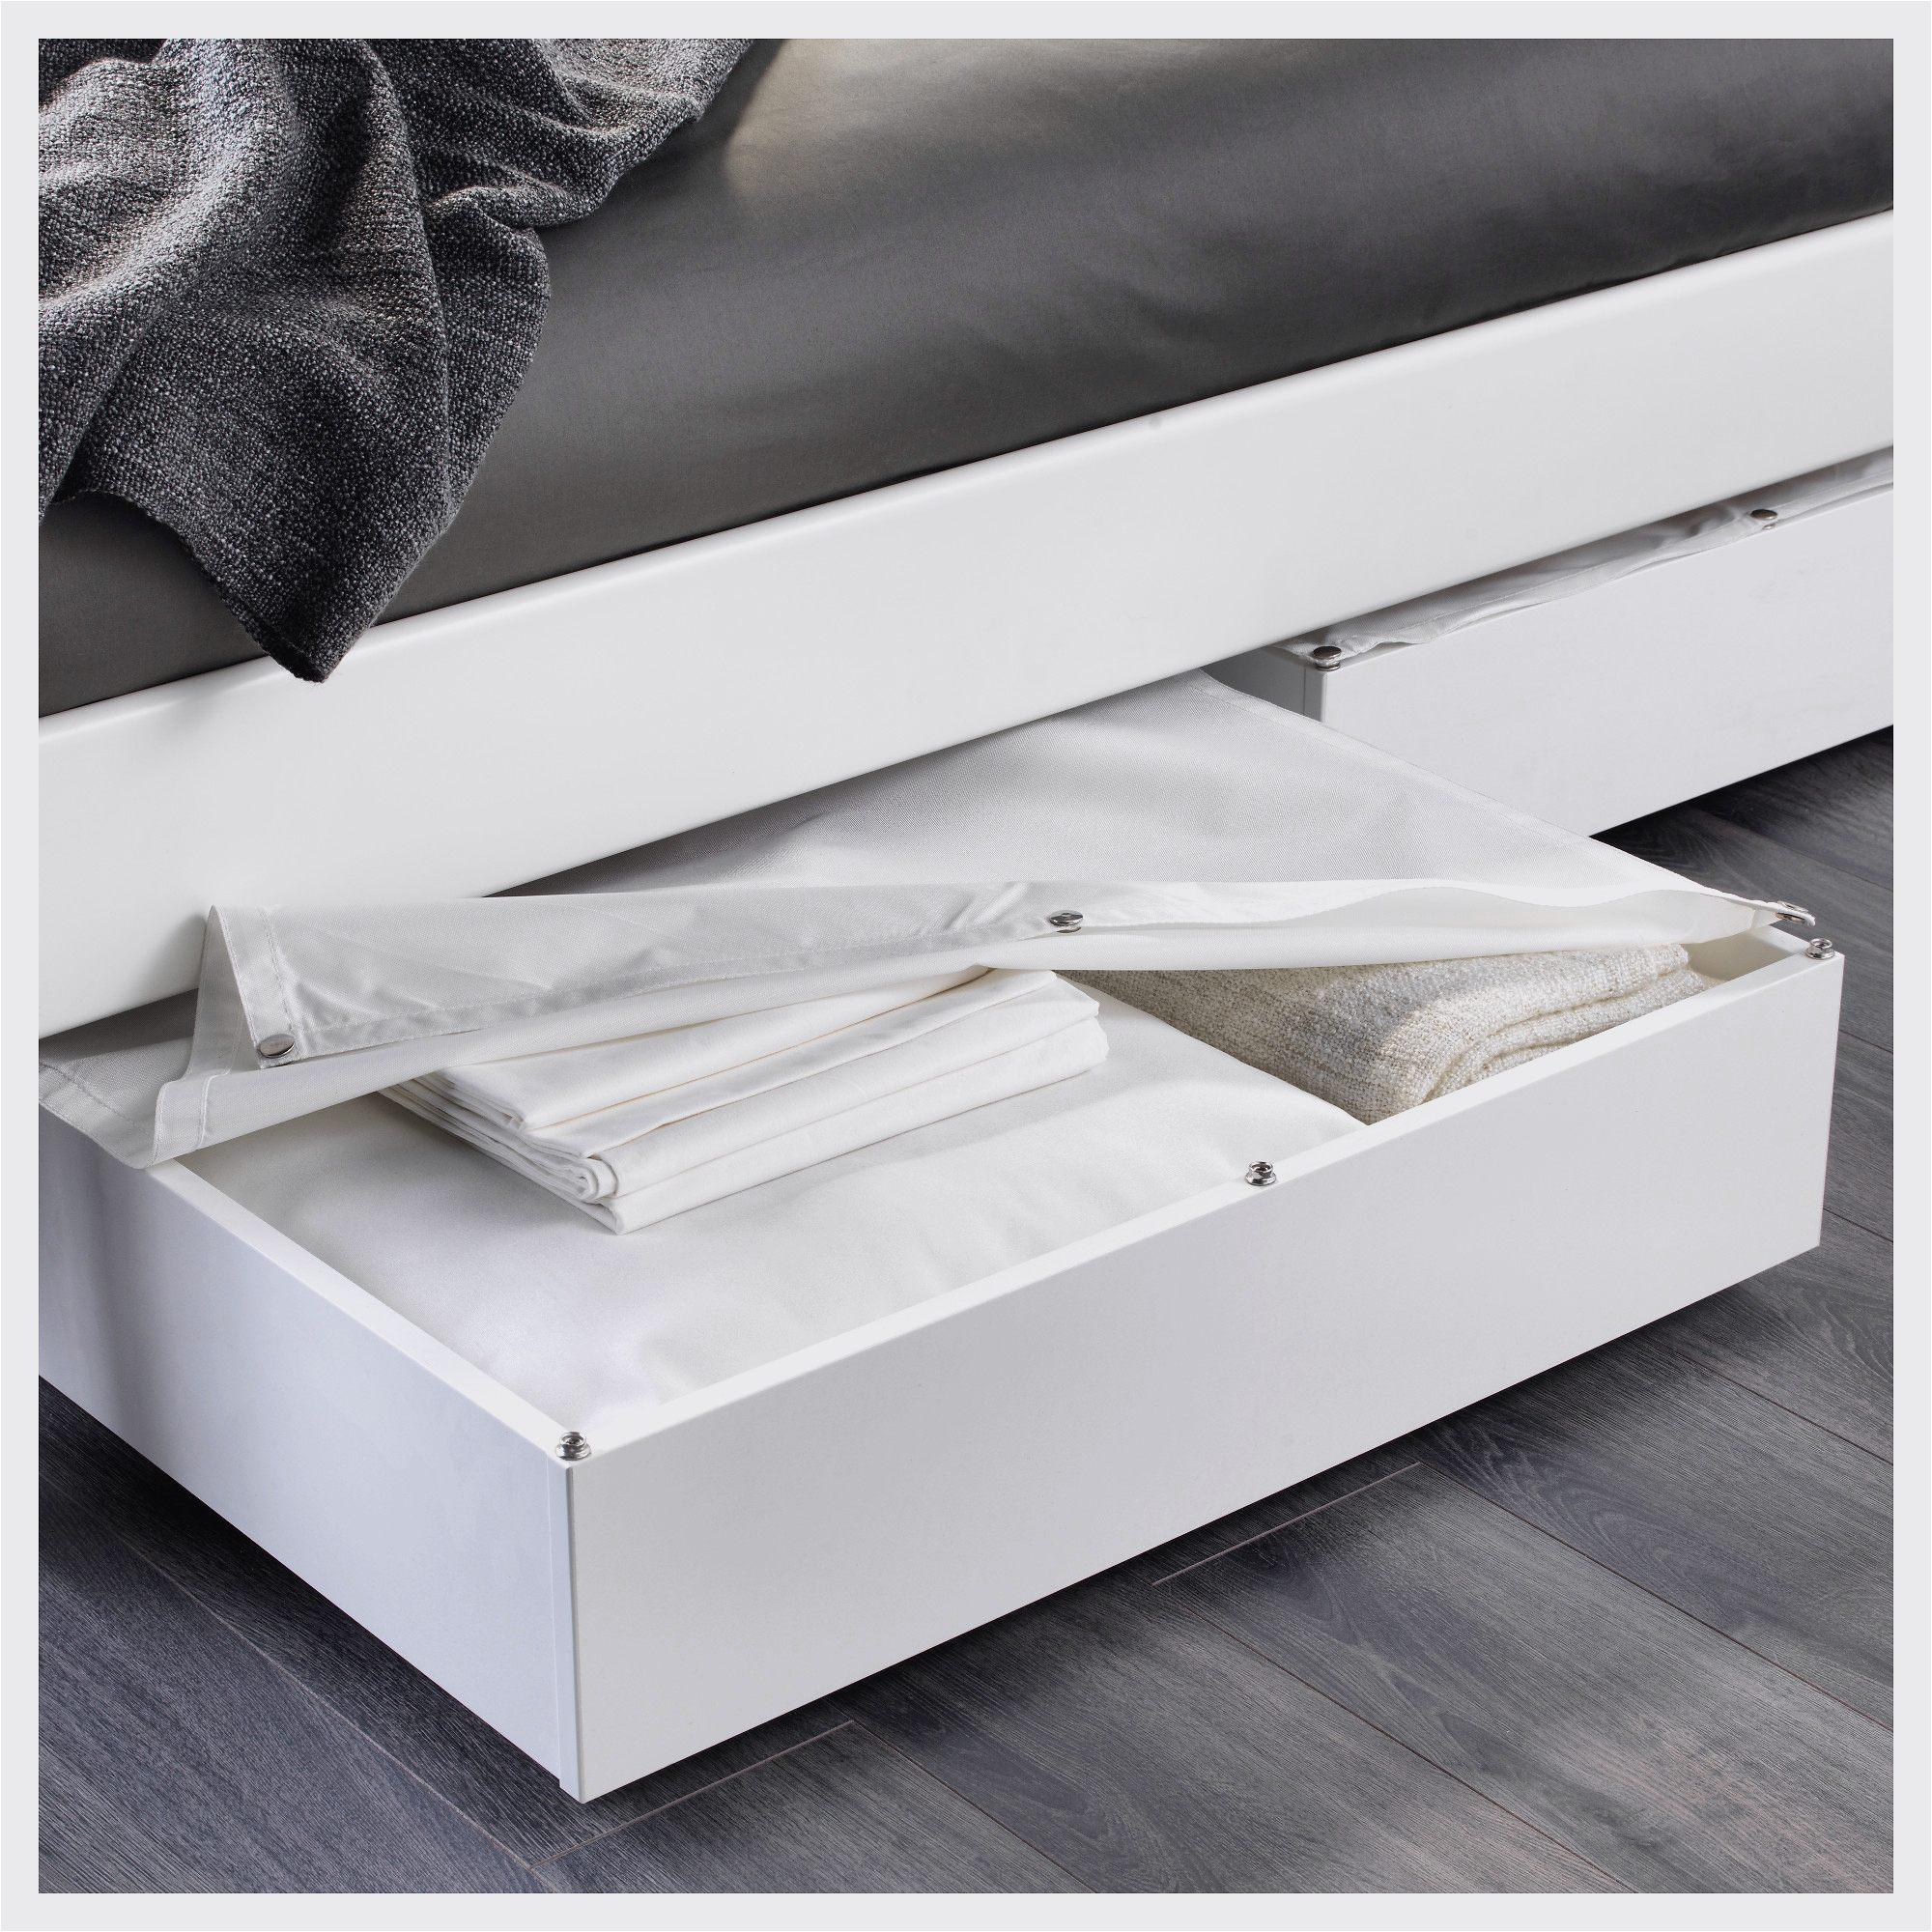 Rangement Sous Lit Agréable Rangement Dessous Lit Nouveau Passionné Ikea Rangement Sous Lit